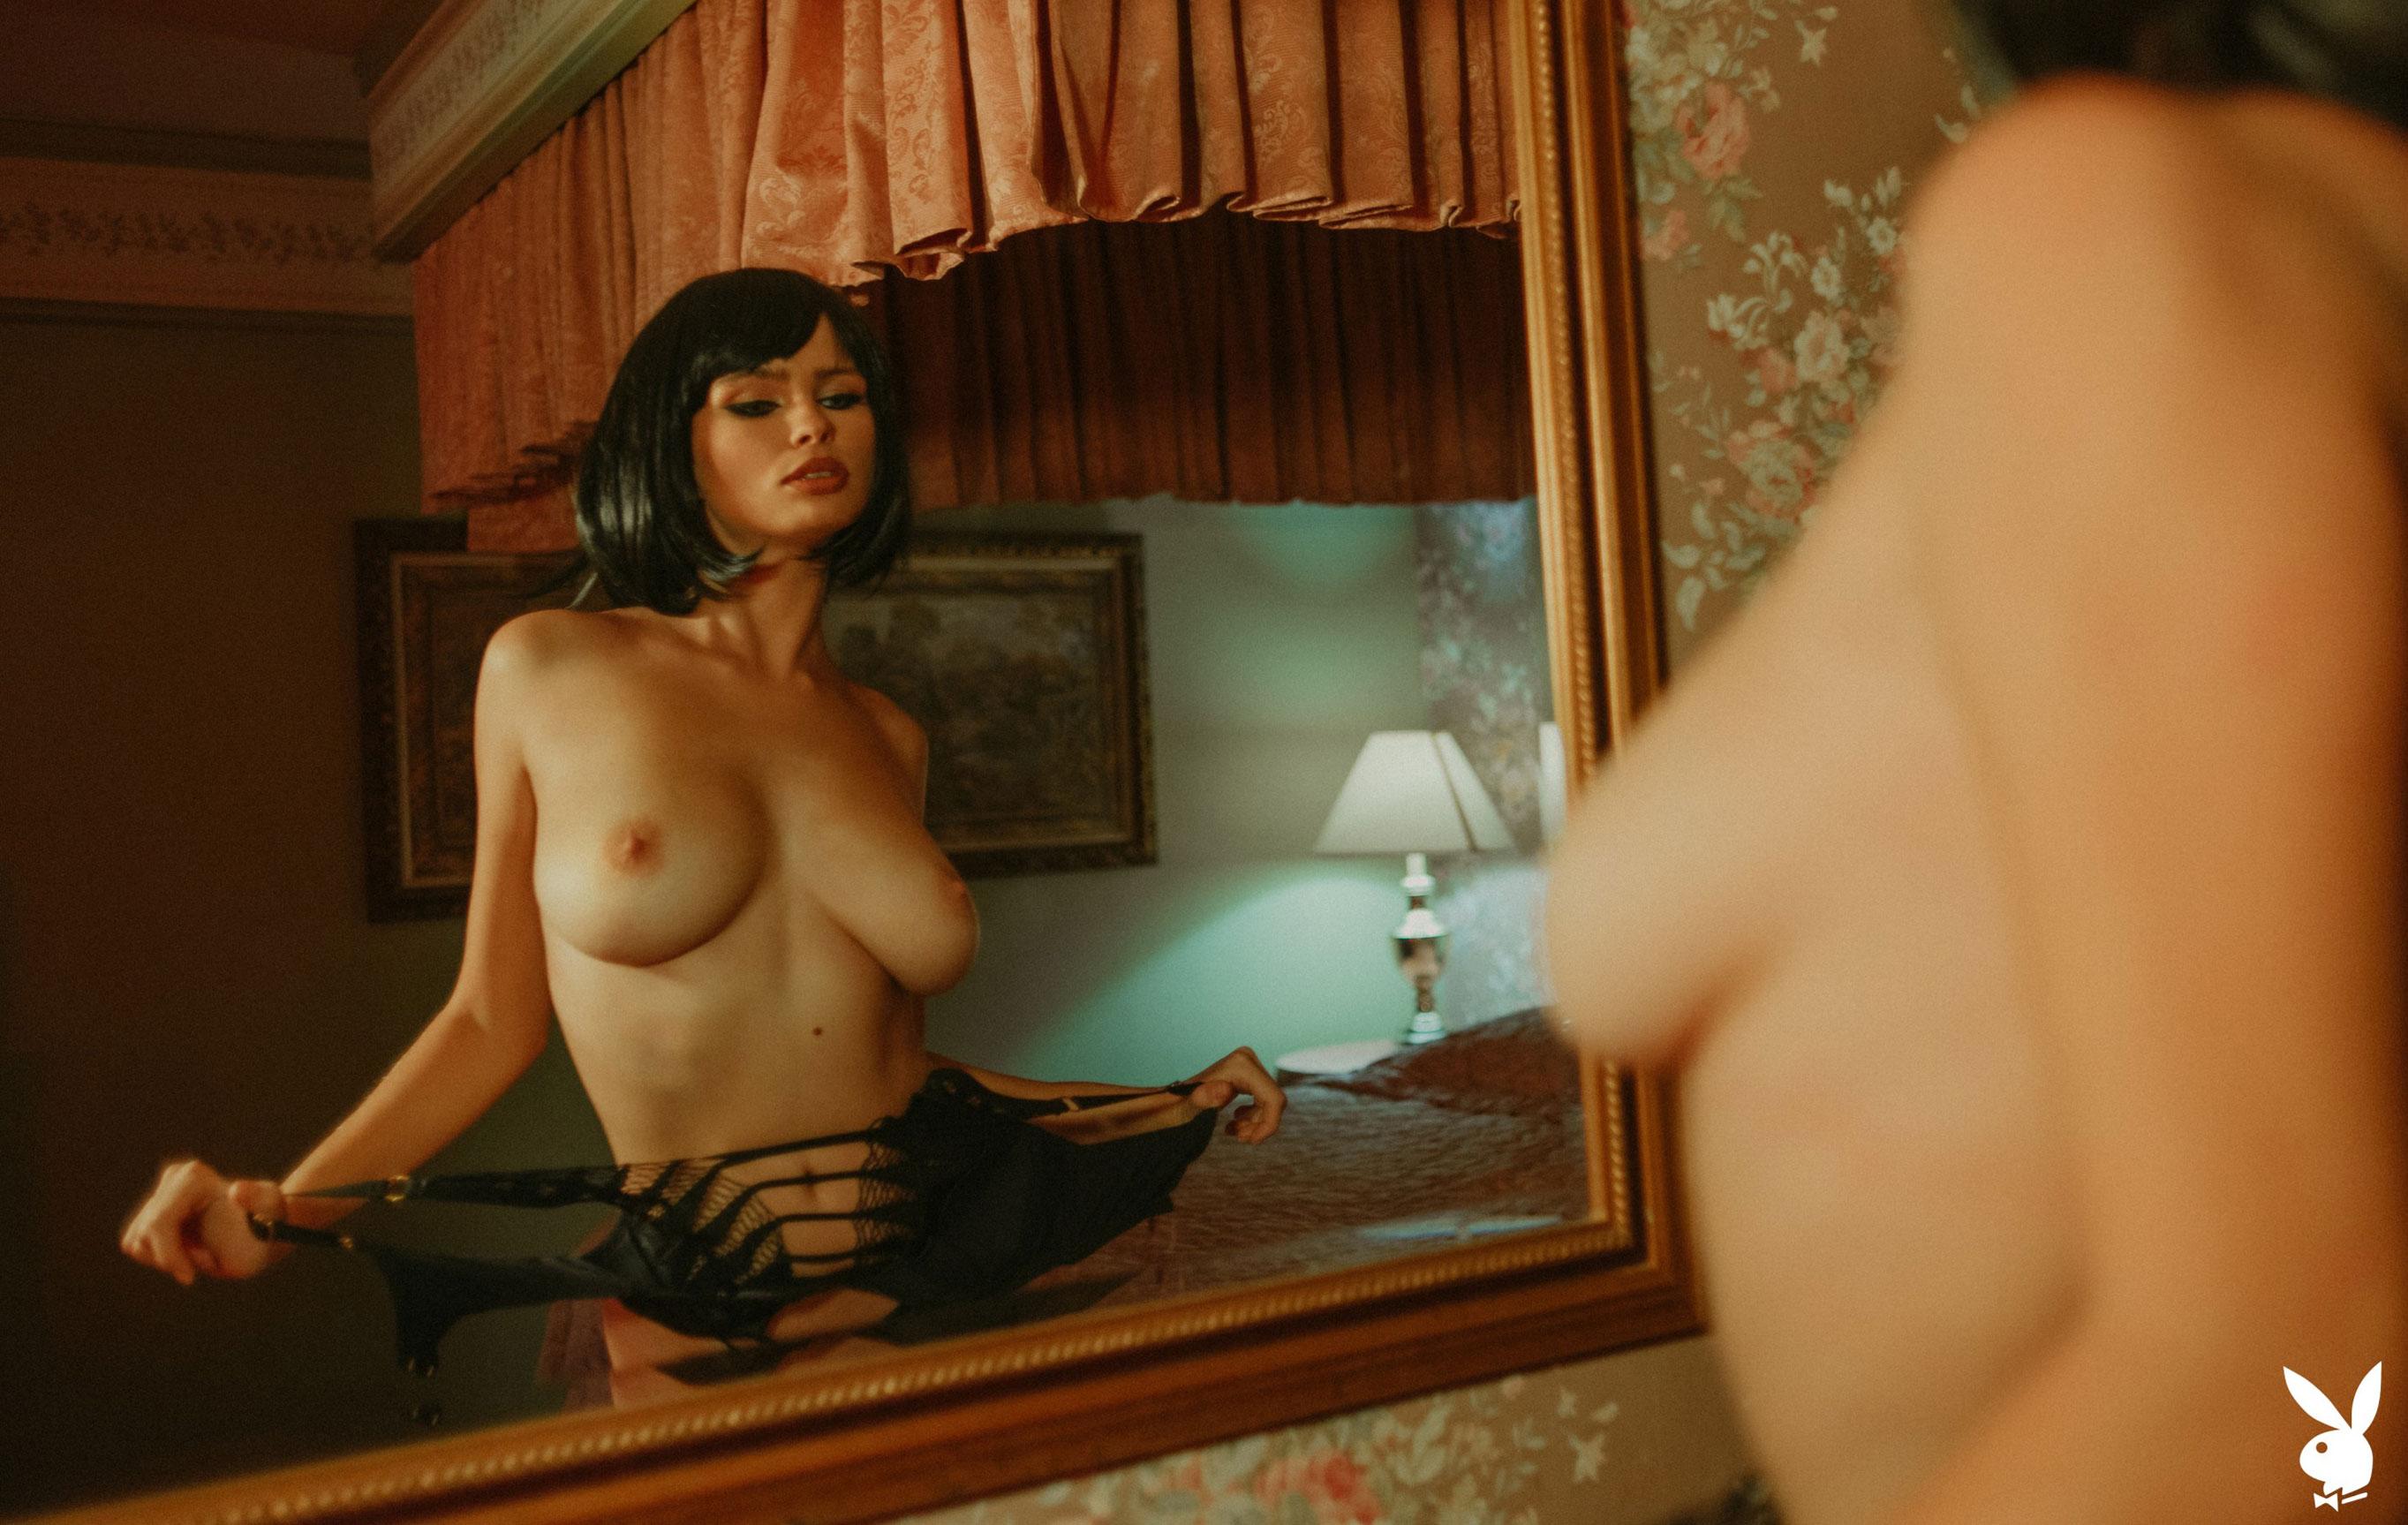 шпионская история / Юлия Логачева в гостиничном номере в Лос-Анджелесе / фото 04